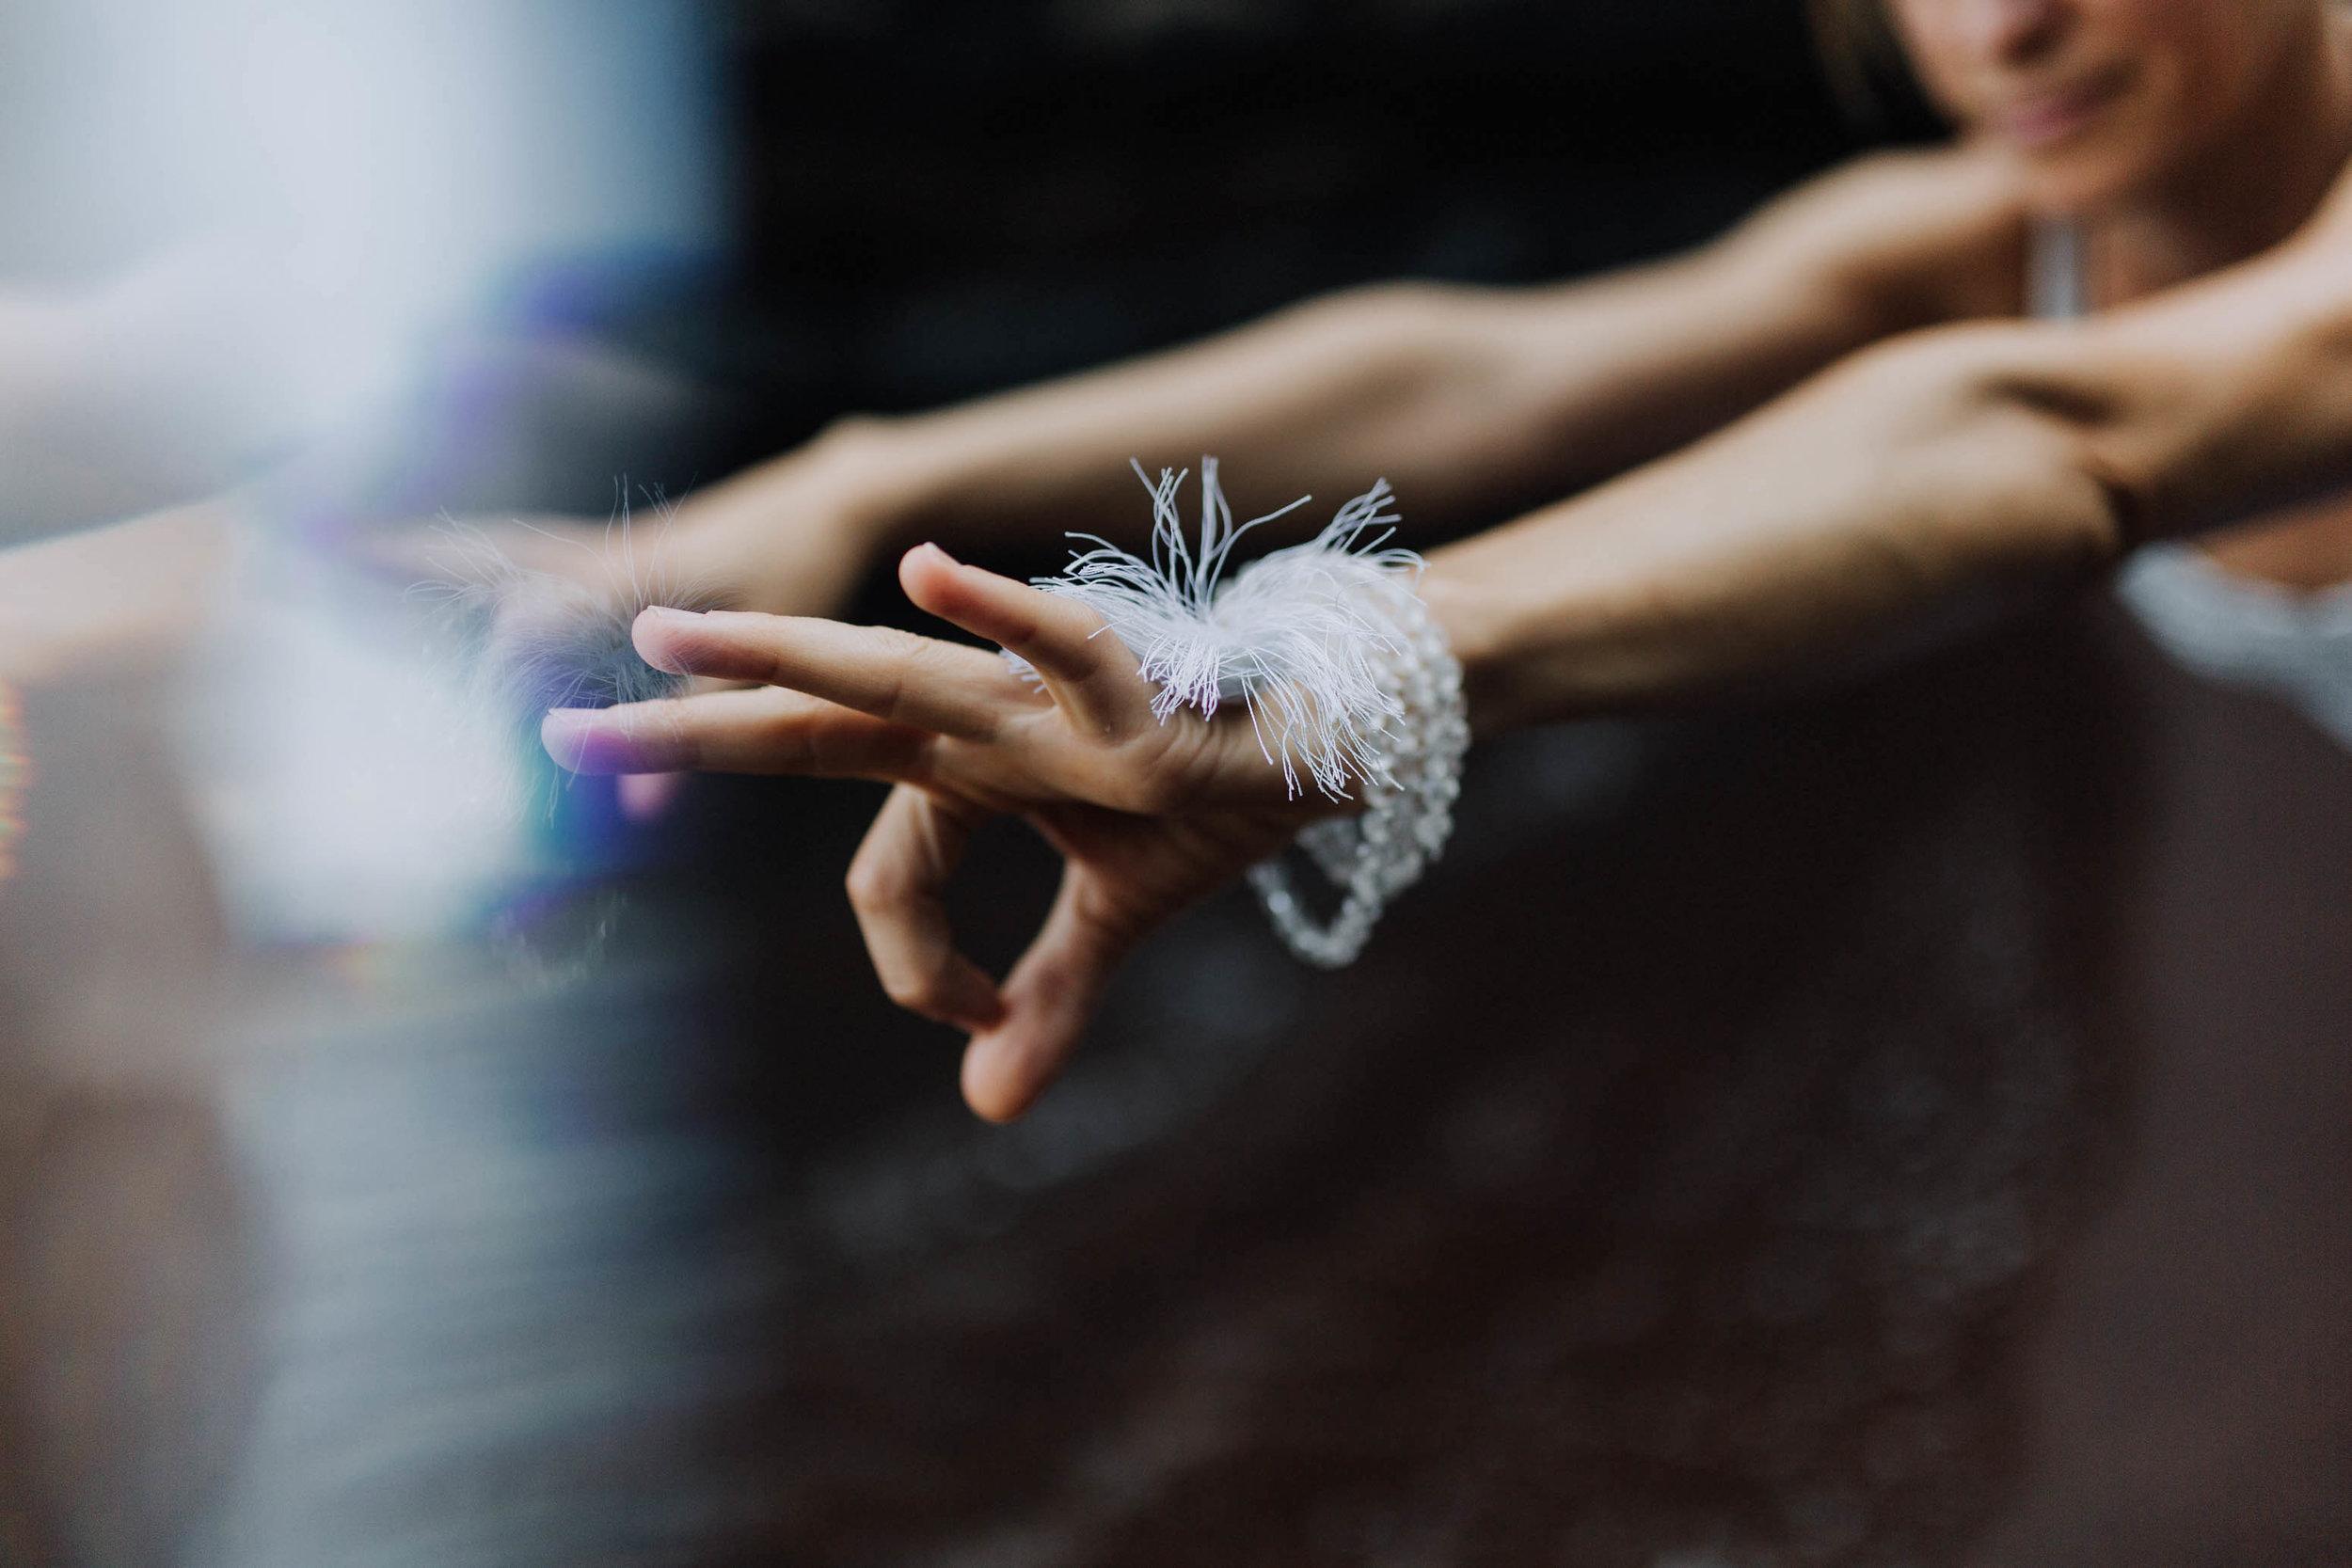 michele-ford-maui-yoga-8225x.jpg